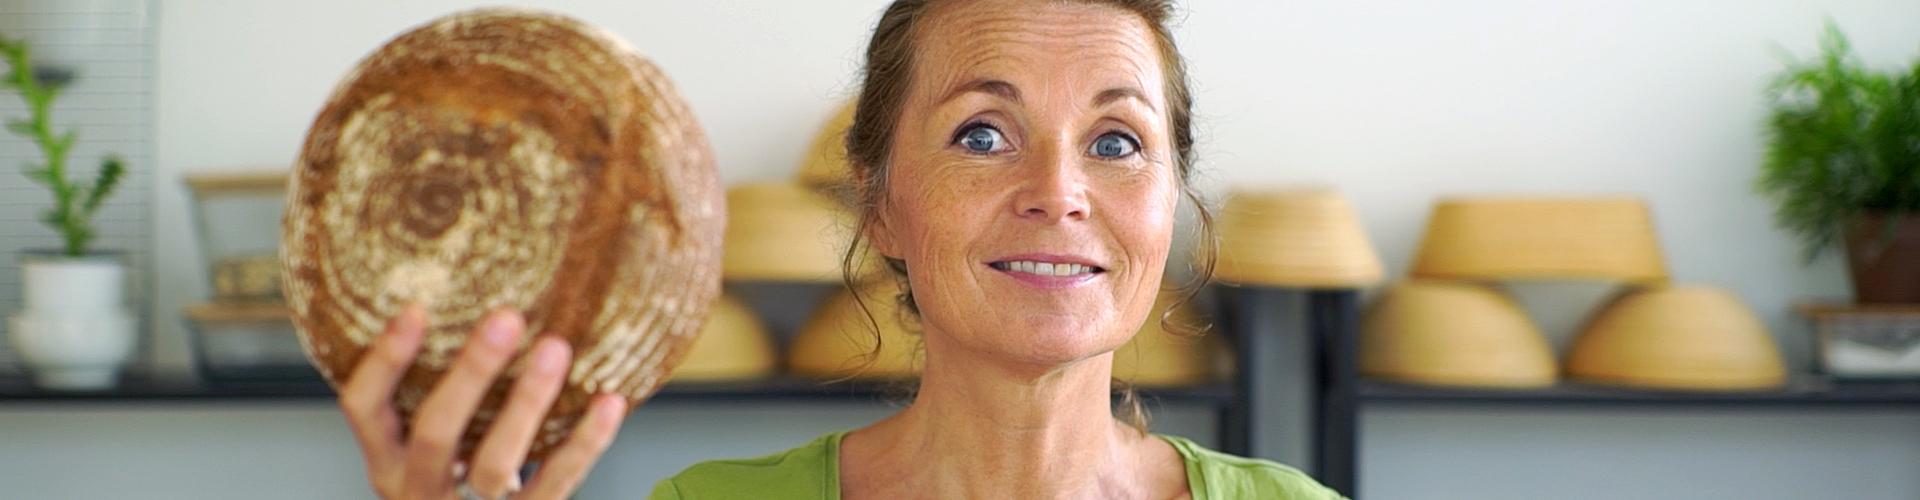 Marije bakt volkorenbrood met een smile